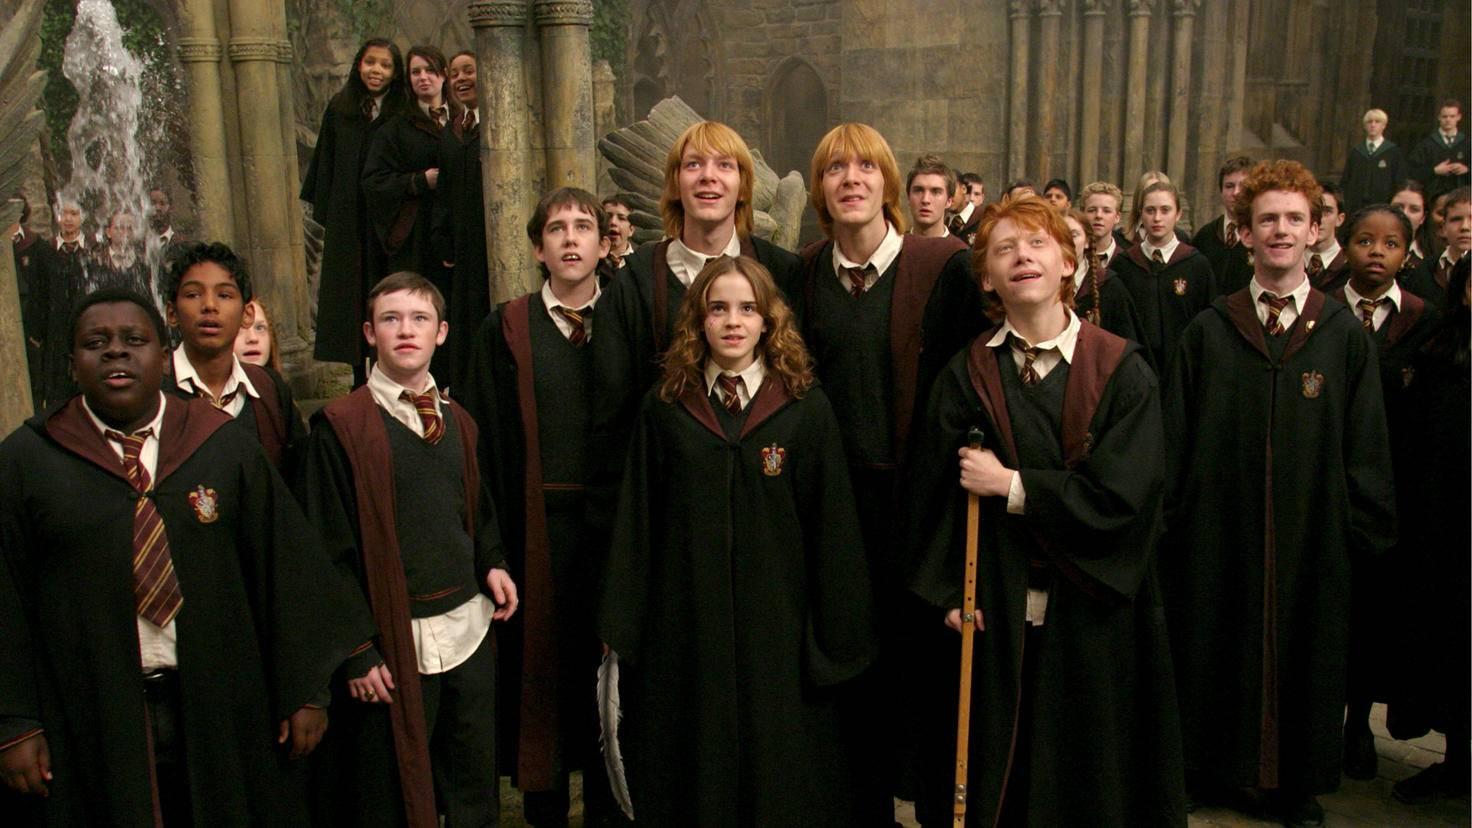 Harry Potter Askaban Gryffindor